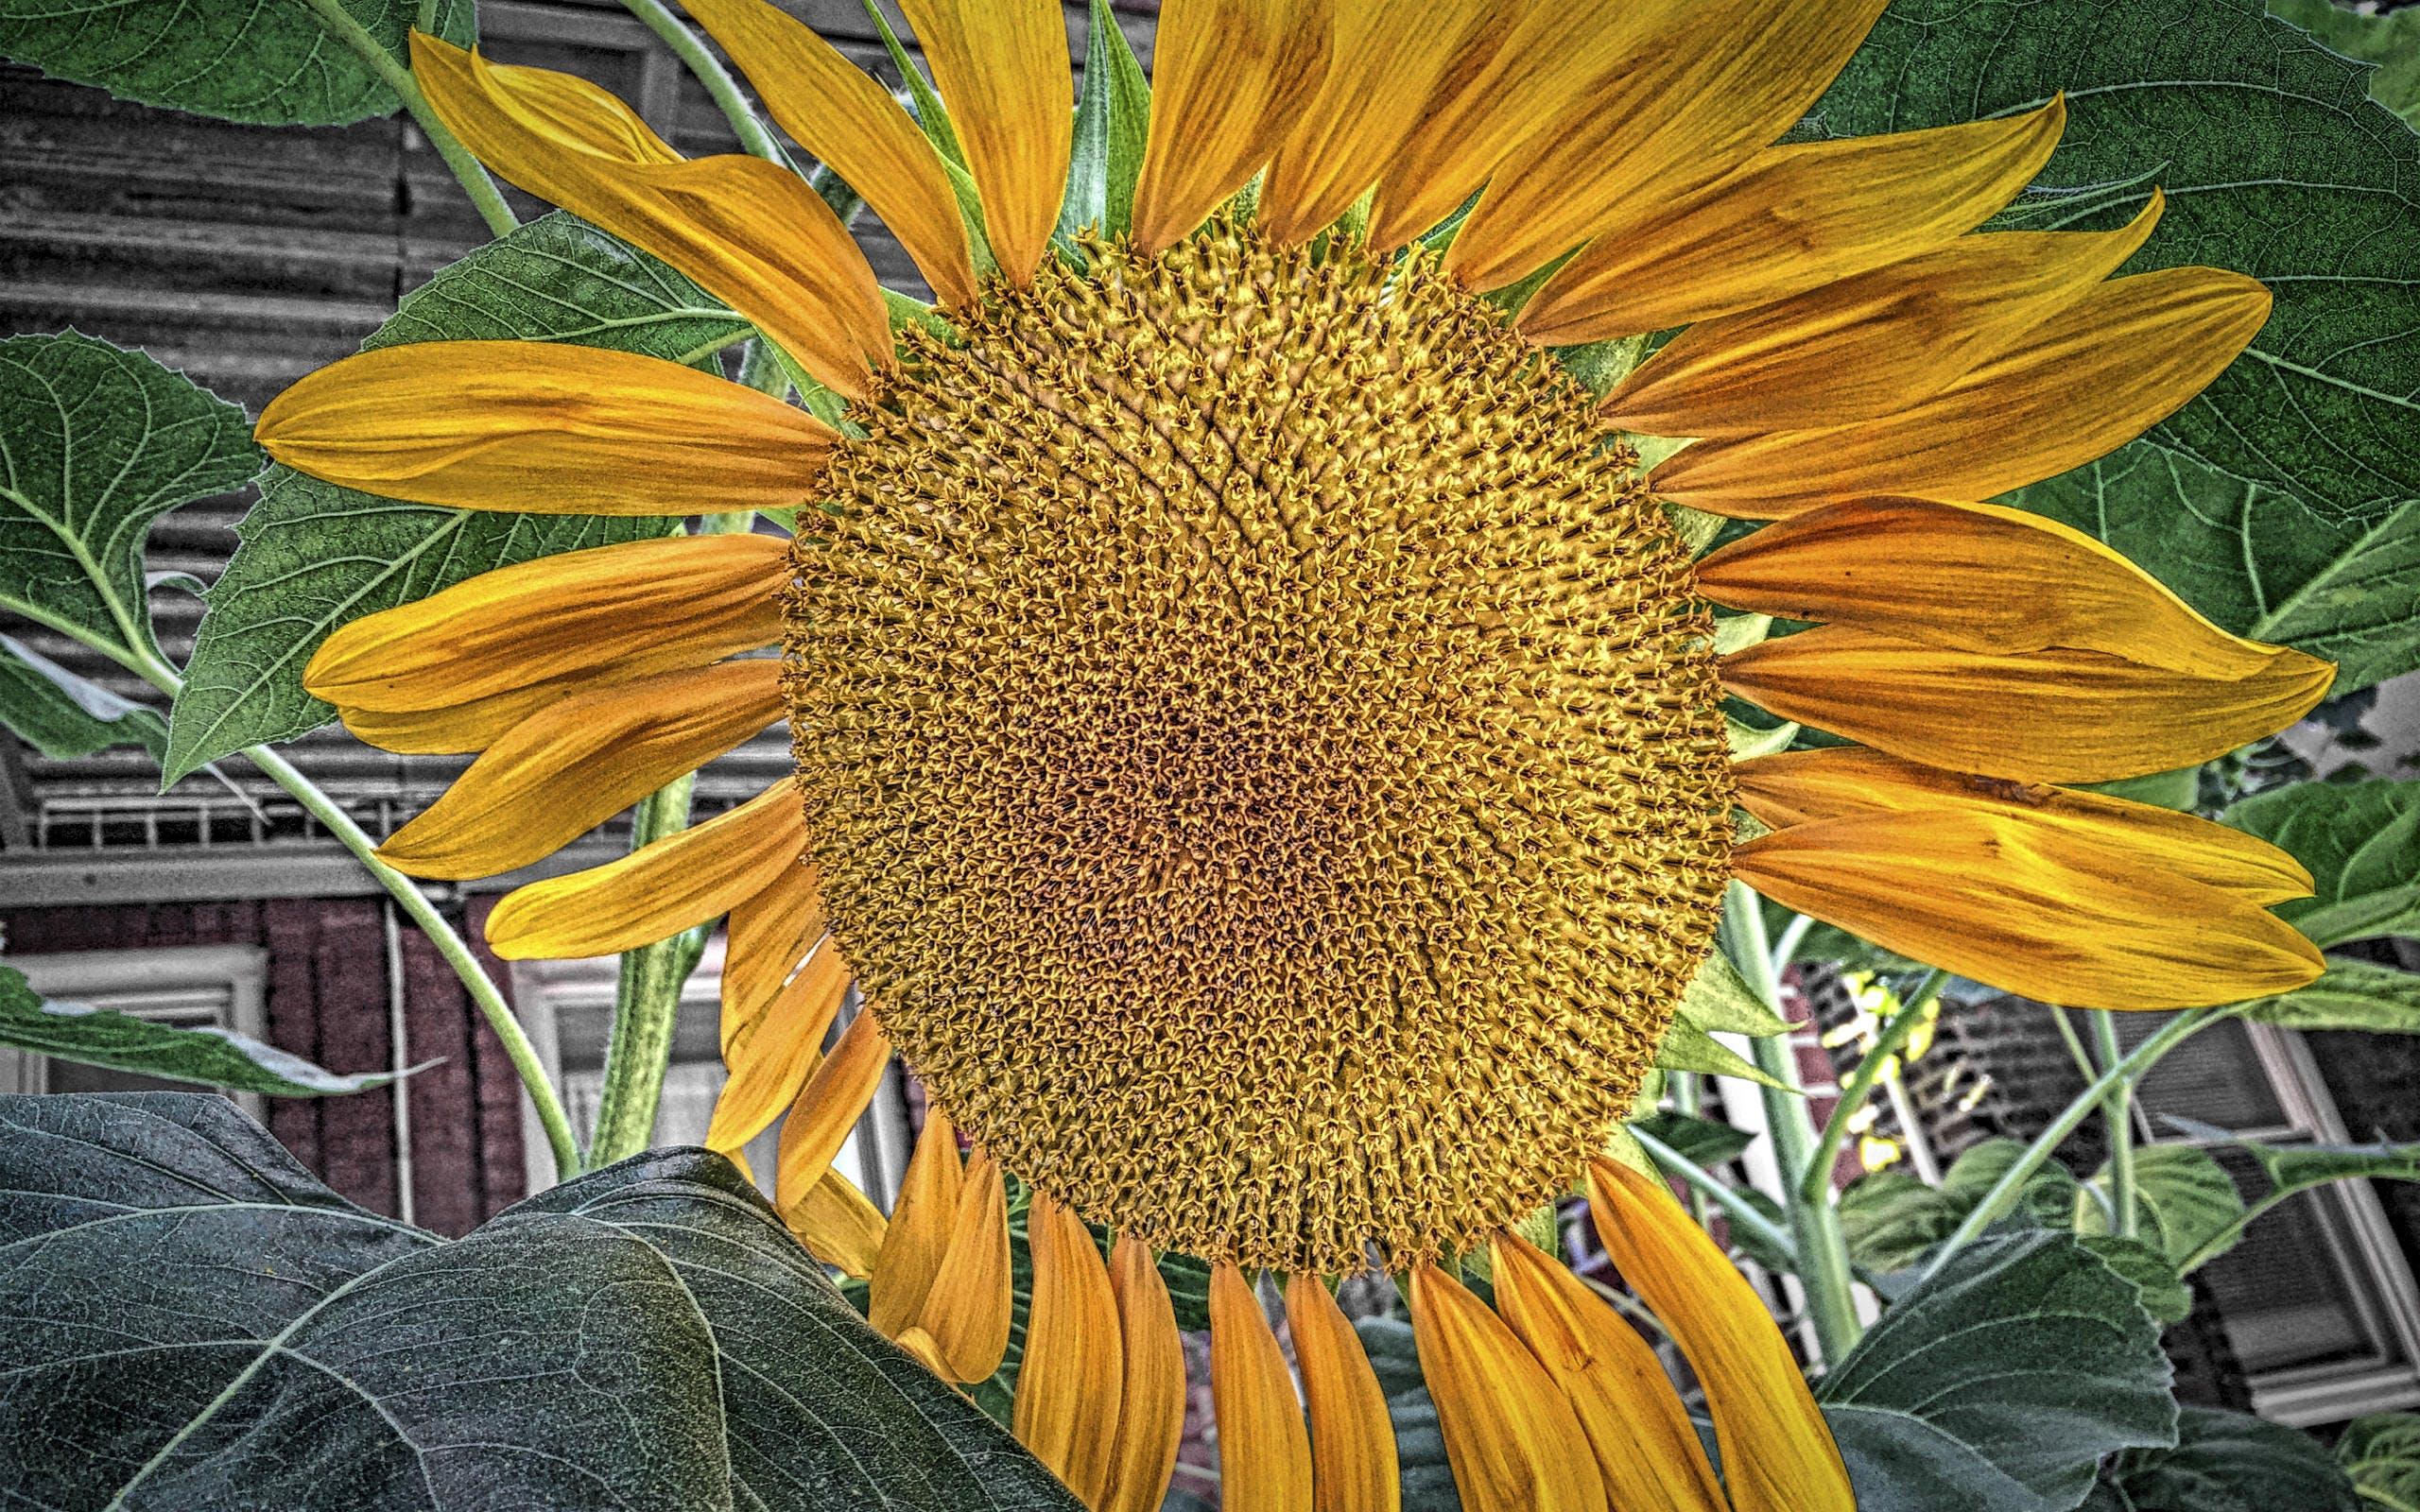 iphone 5s, 太陽の花, 自然の壁紙, 花の壁紙の無料の写真素材